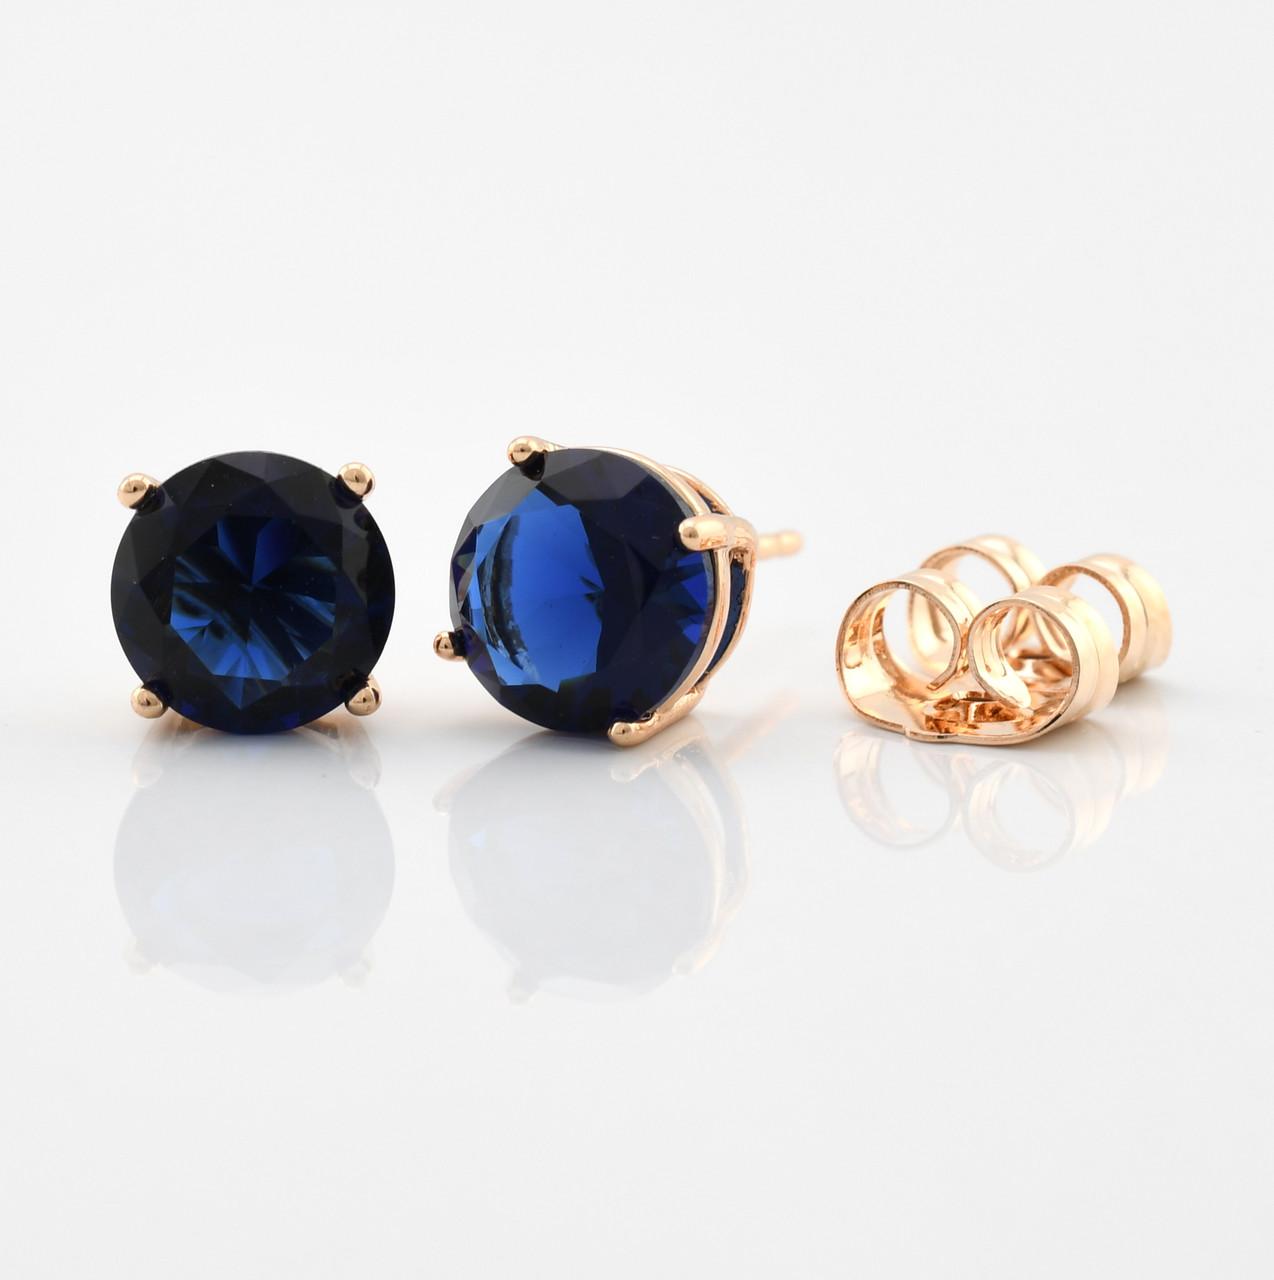 Серьги-гвоздики 21702-18К, размер 8*8 мм, тёмно-синие фианиты, позолота 18К